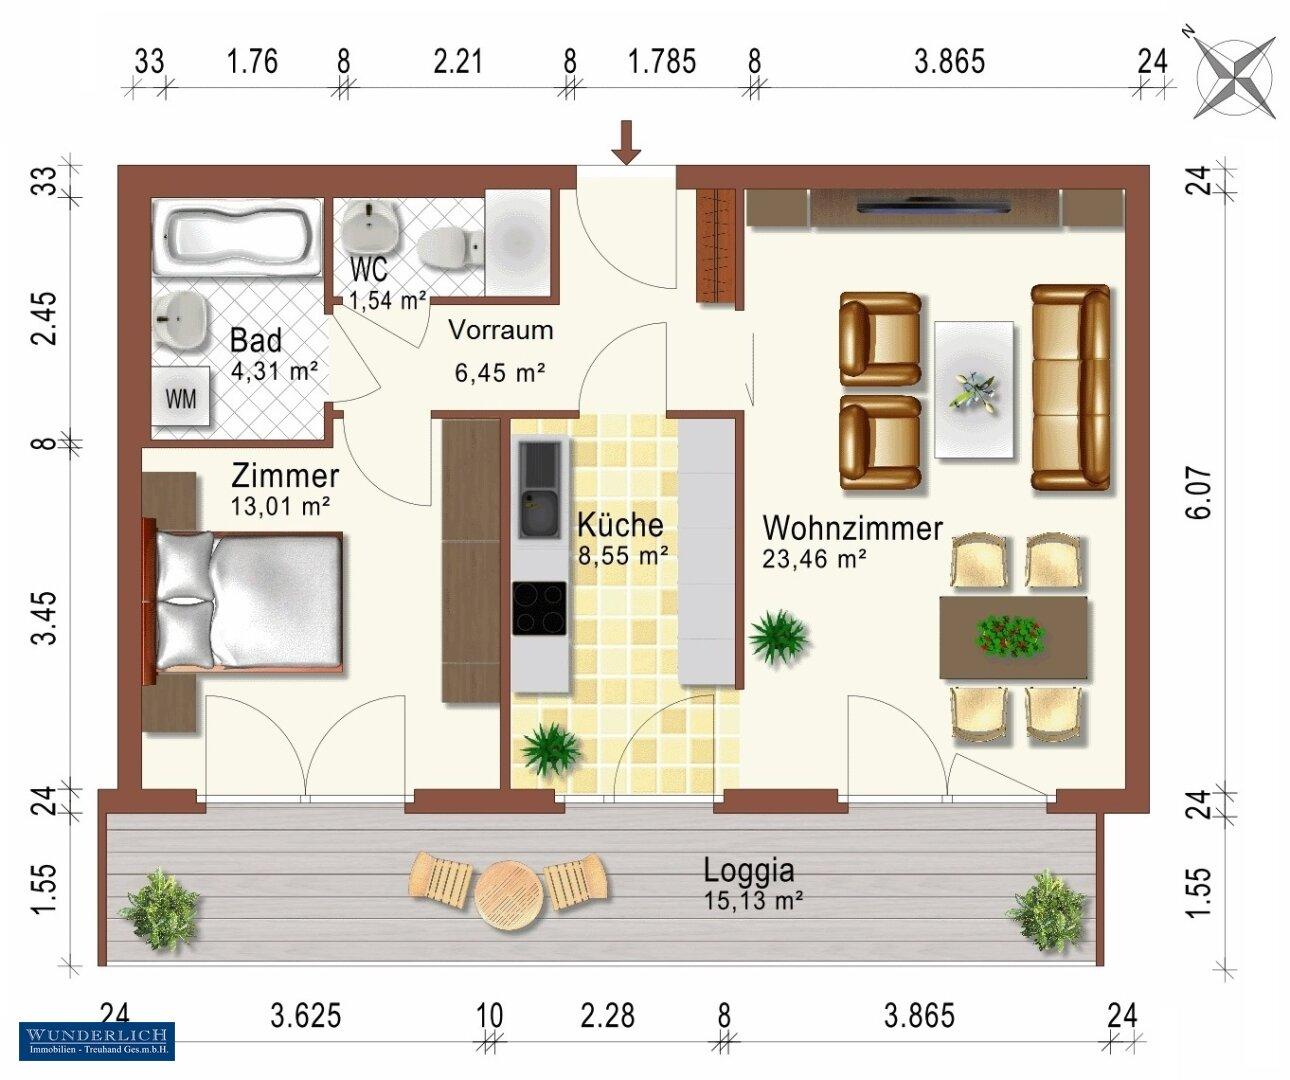 Wohnungsplan - Plan von uns erstellt (Planfehler vorbehalten)